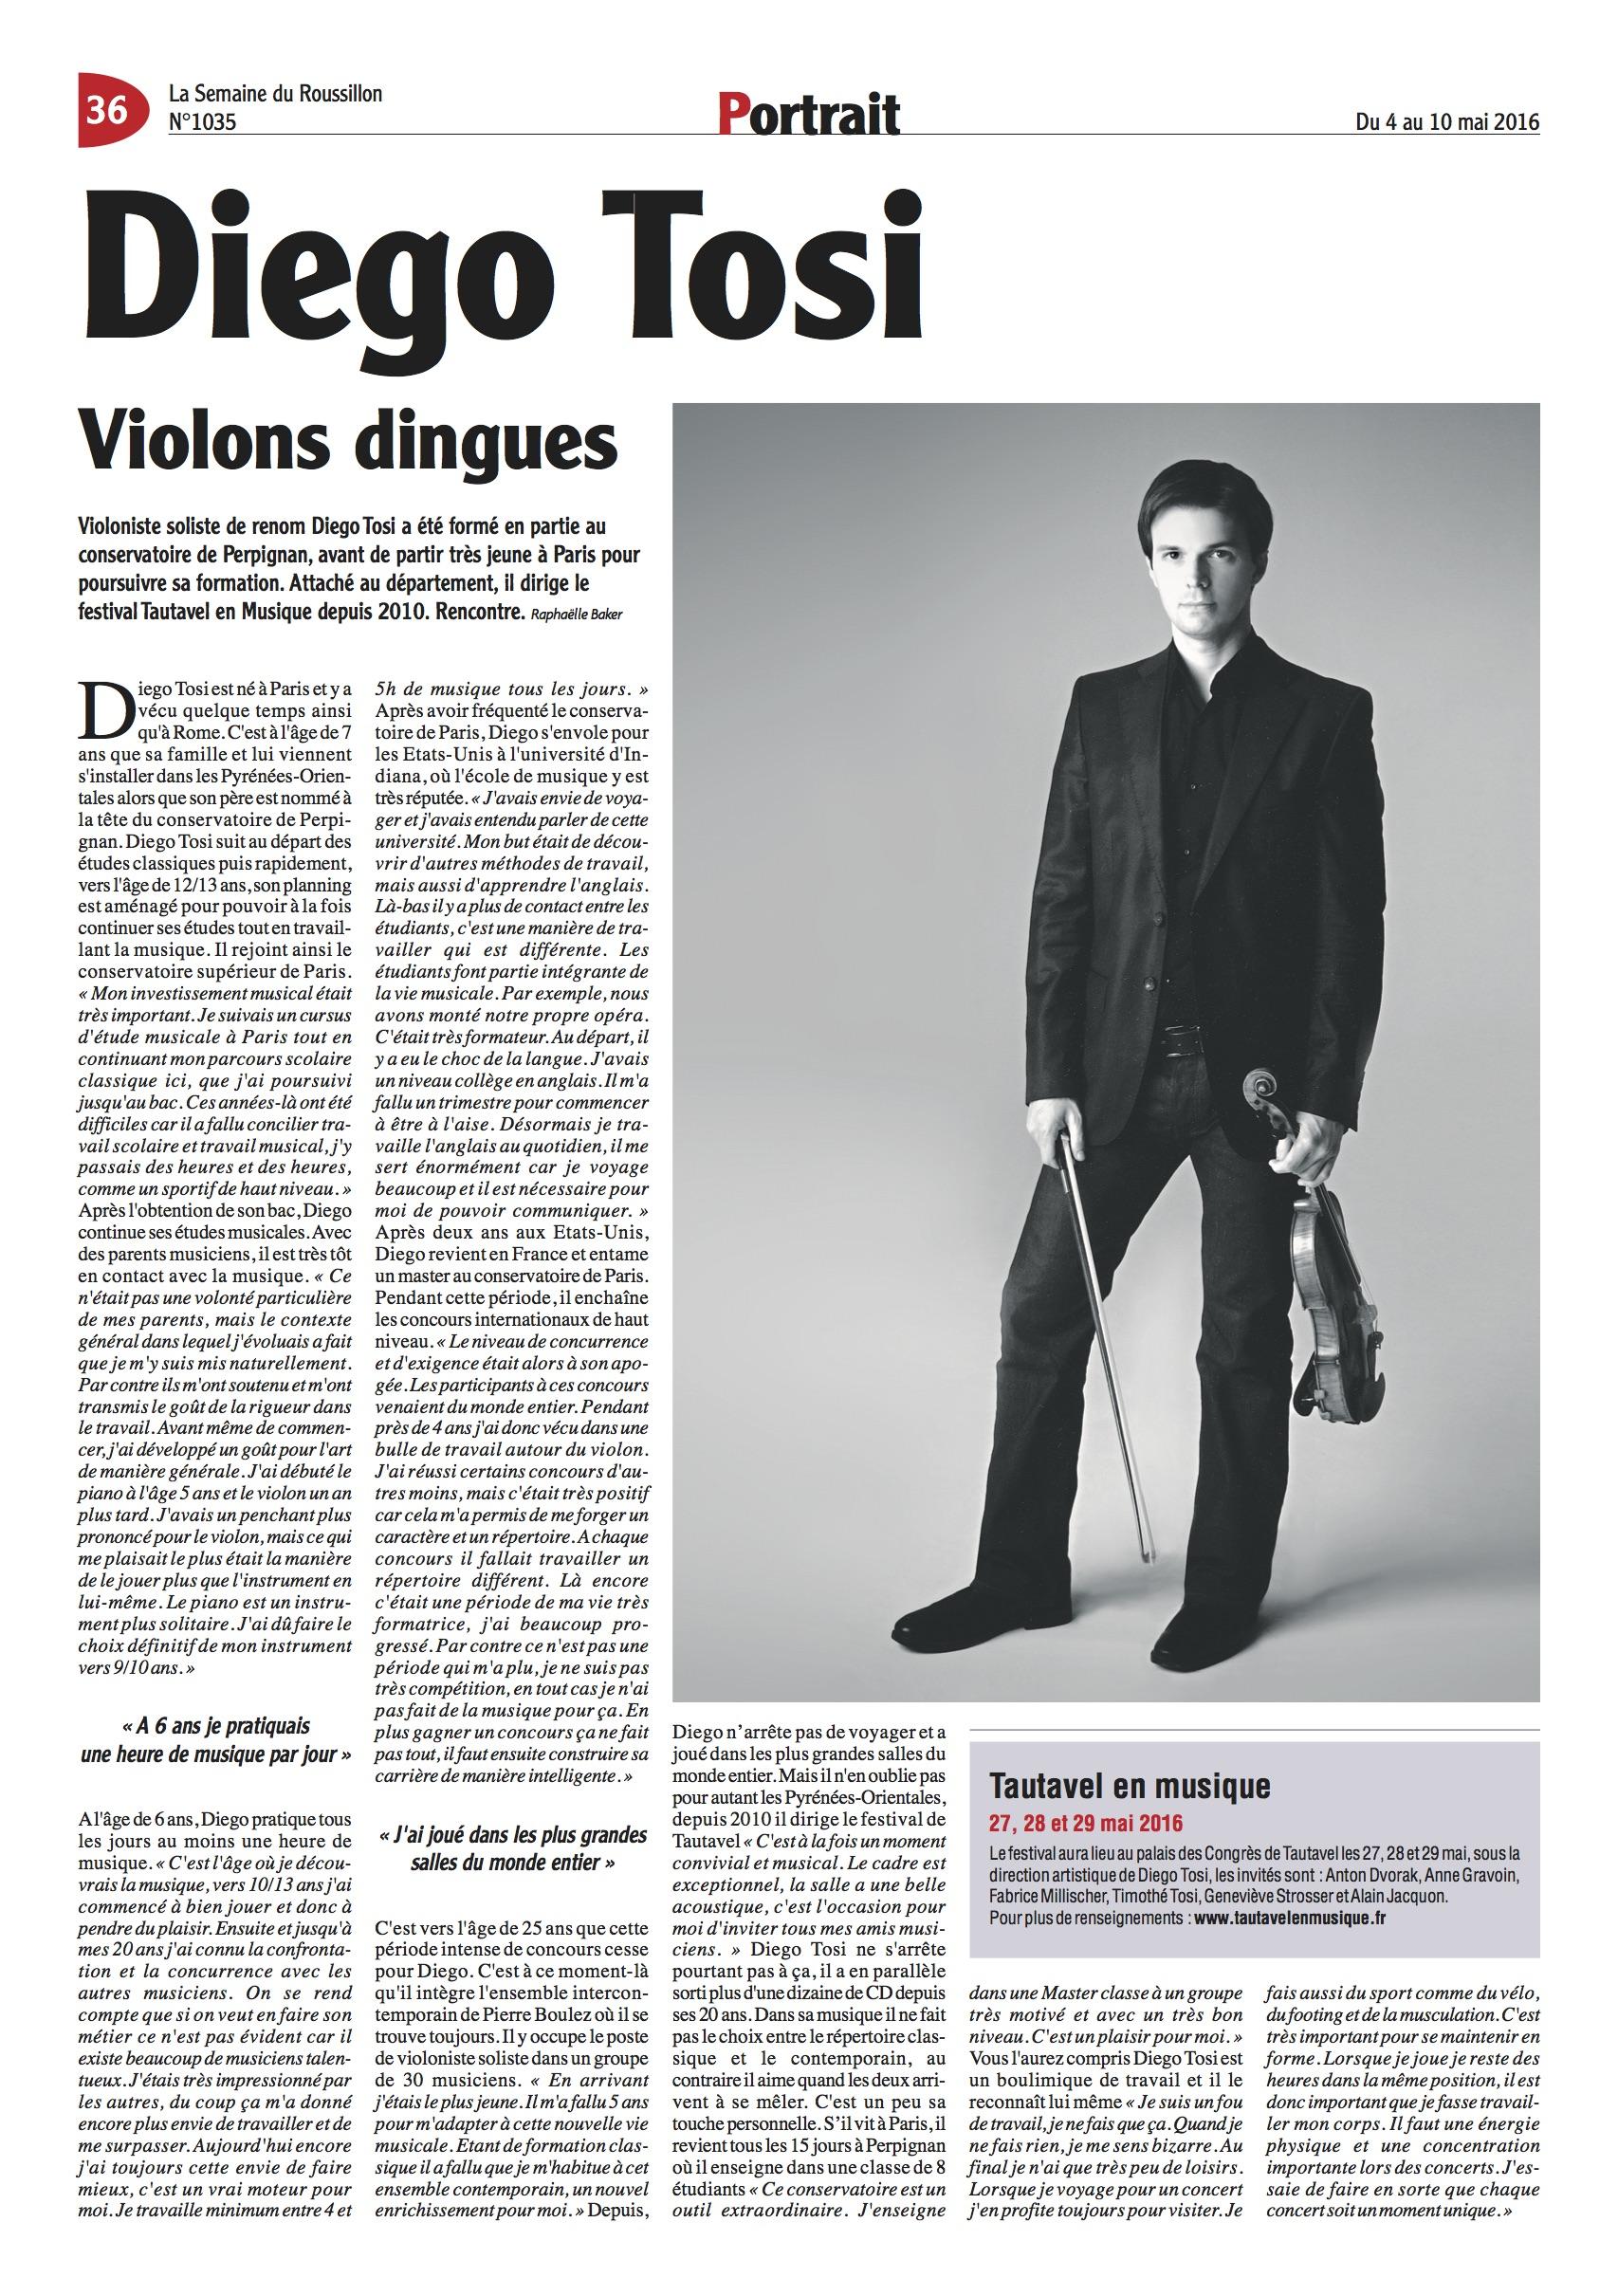 La Semaine du Roussillon : Diego Tosi - Des violons dingues